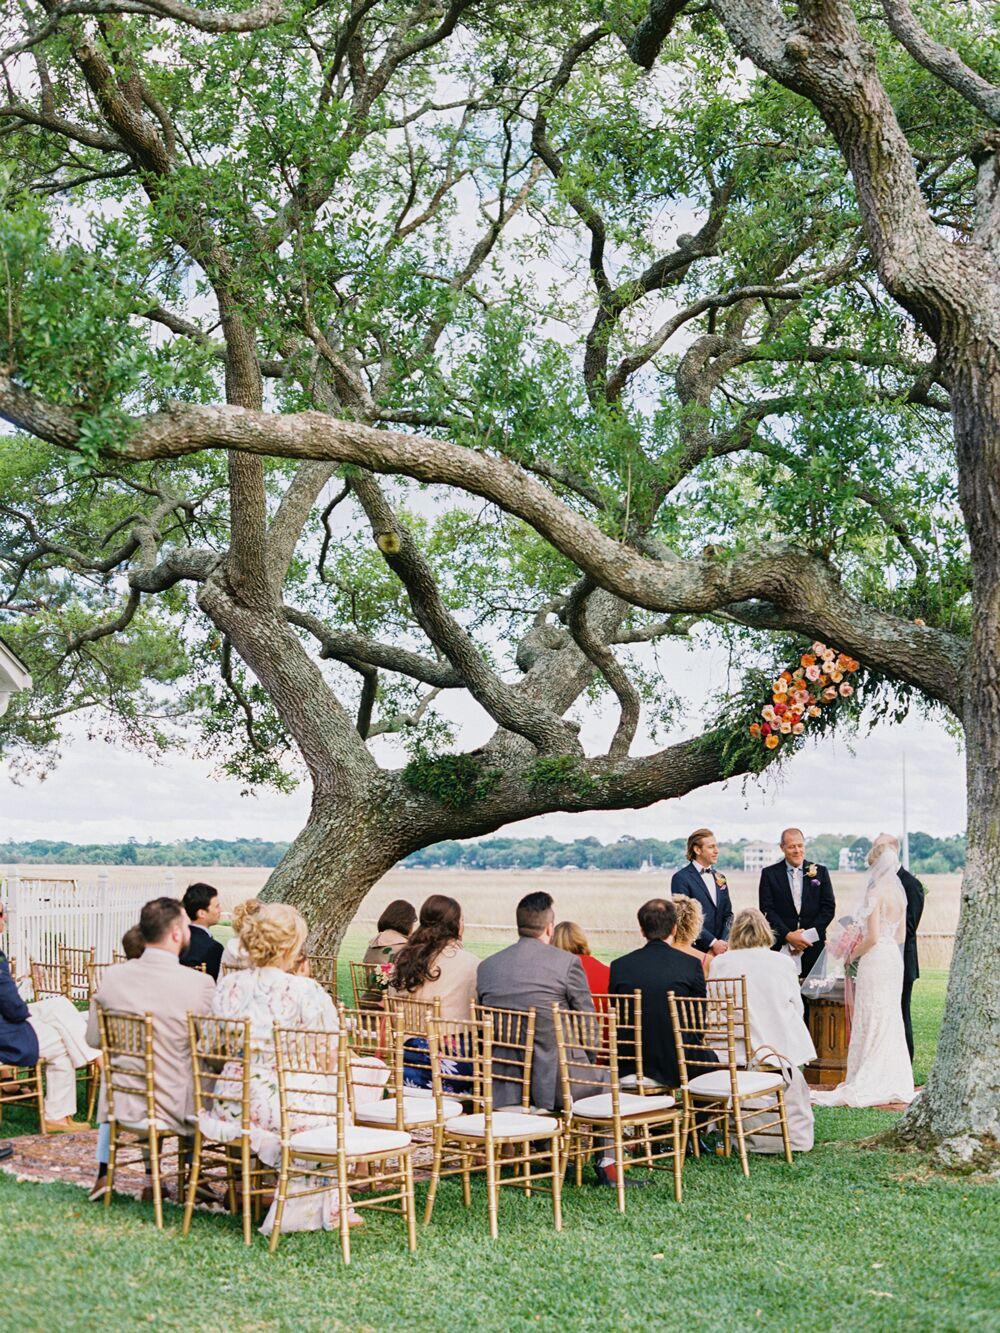 Μικροί γάμοι, wedding trends